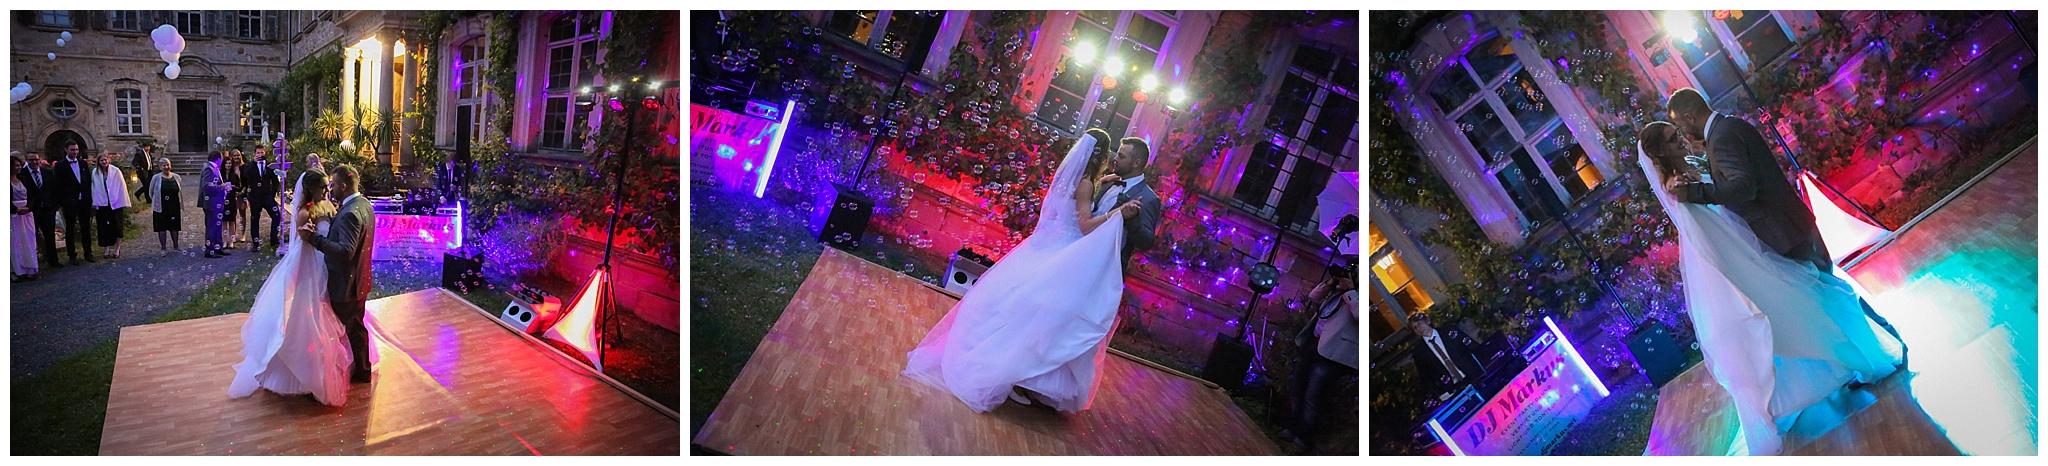 Hochzeit_Menninger_dieLICHTBUILDER_80.jpg